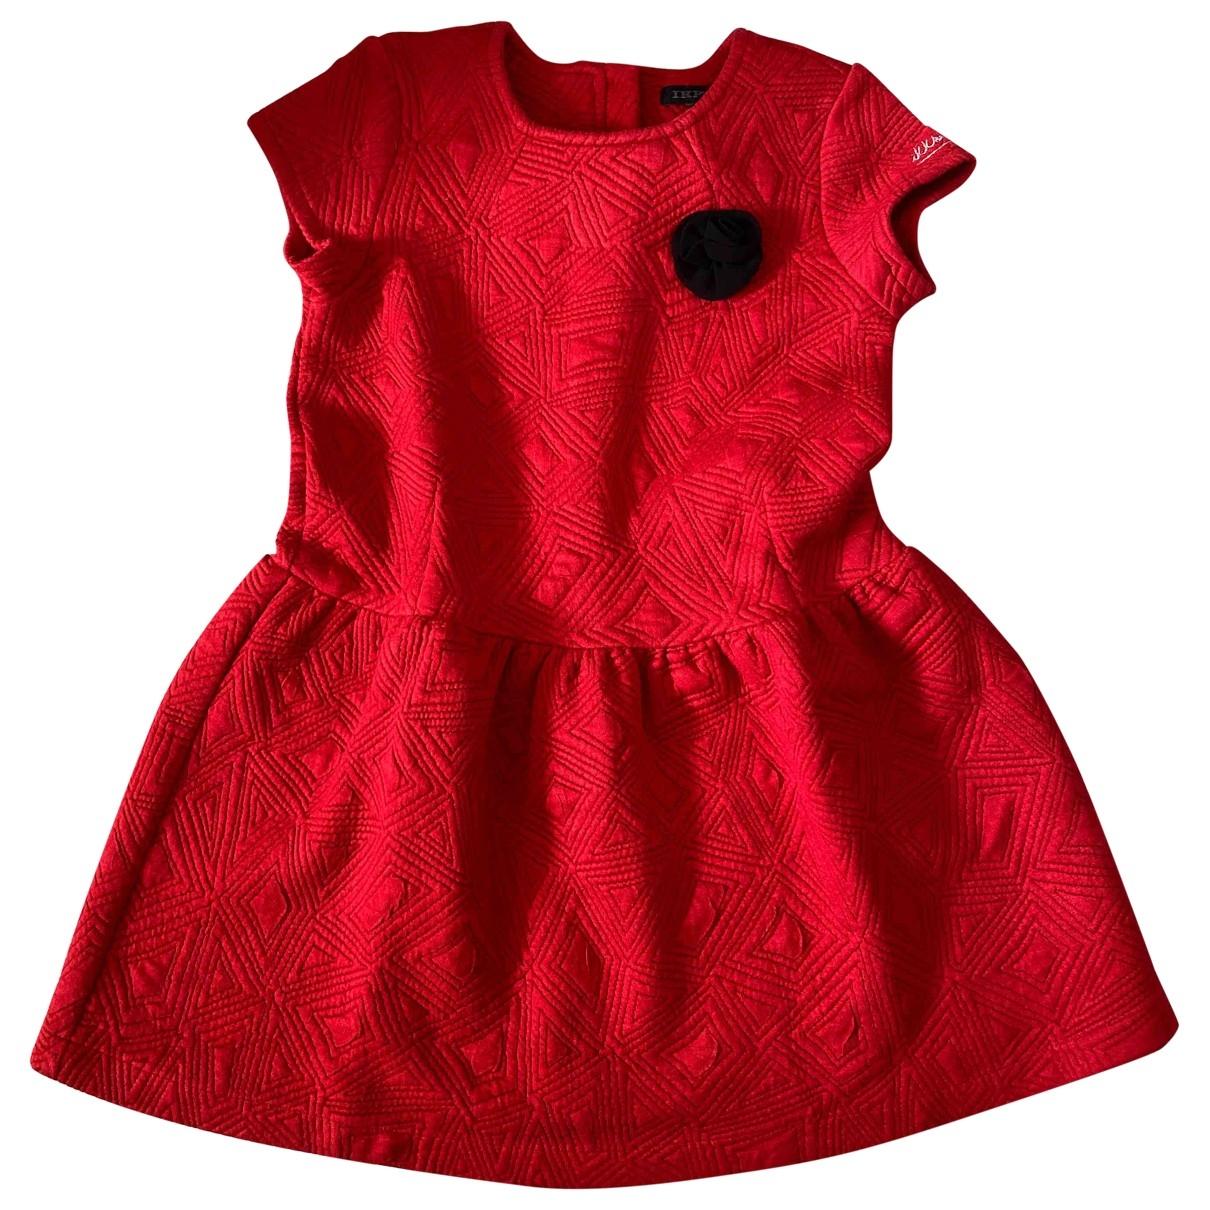 Ikks \N Kleid in  Rot Polyester